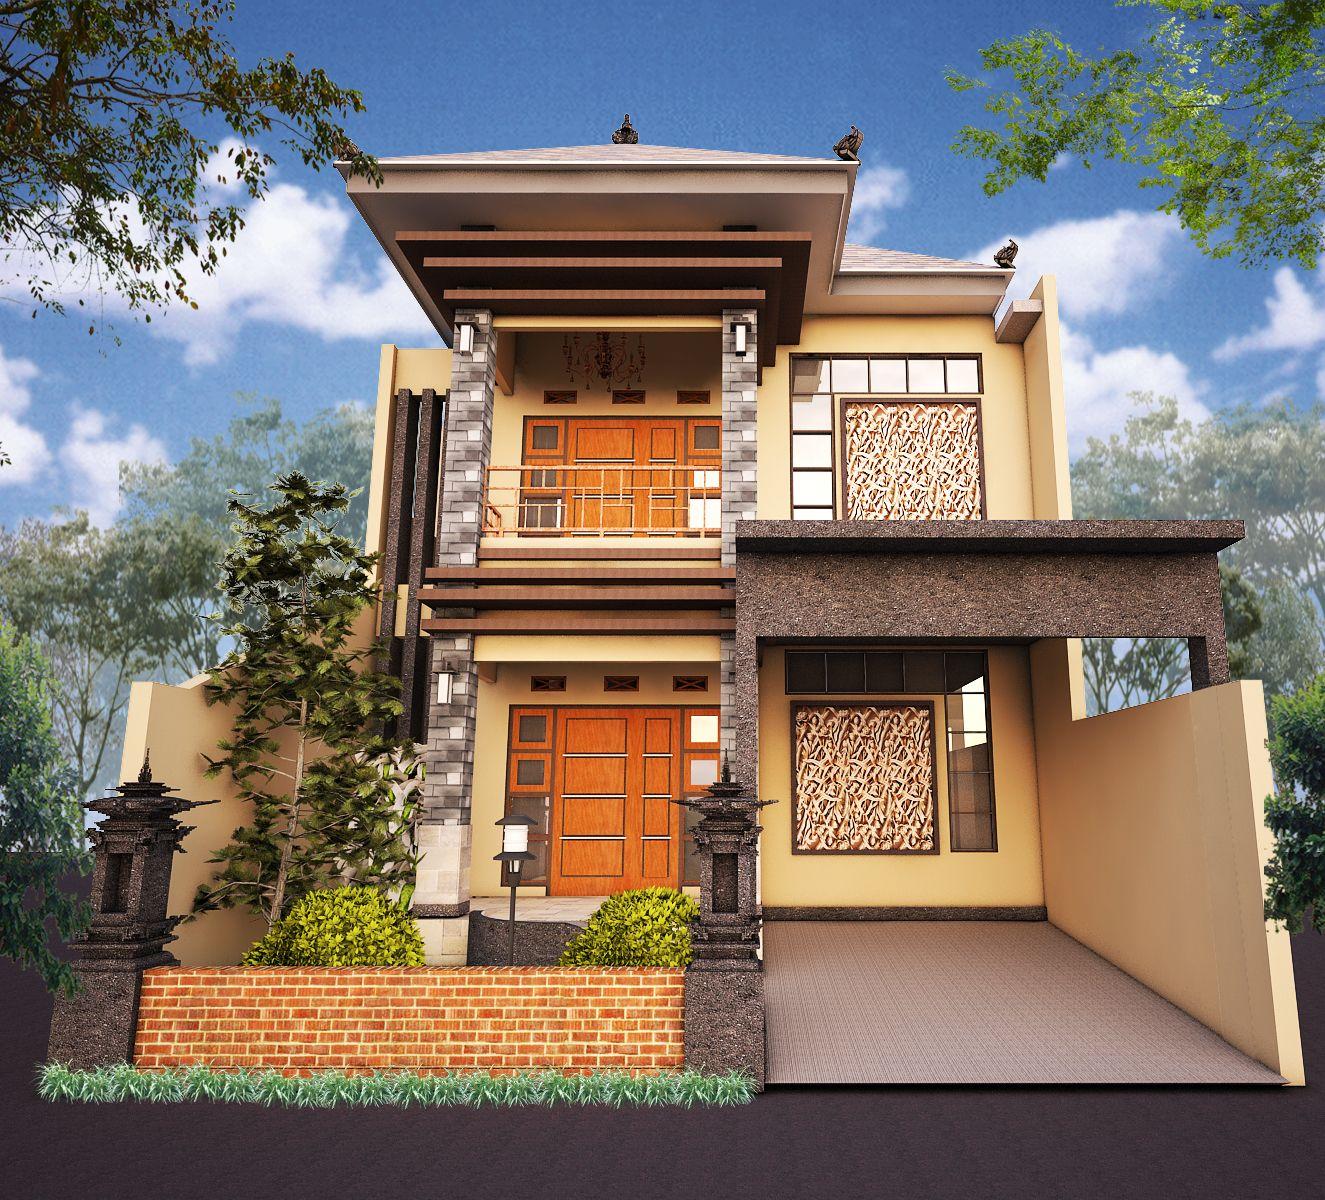 Rumah gaya Bali modern By; Id design   Rumah